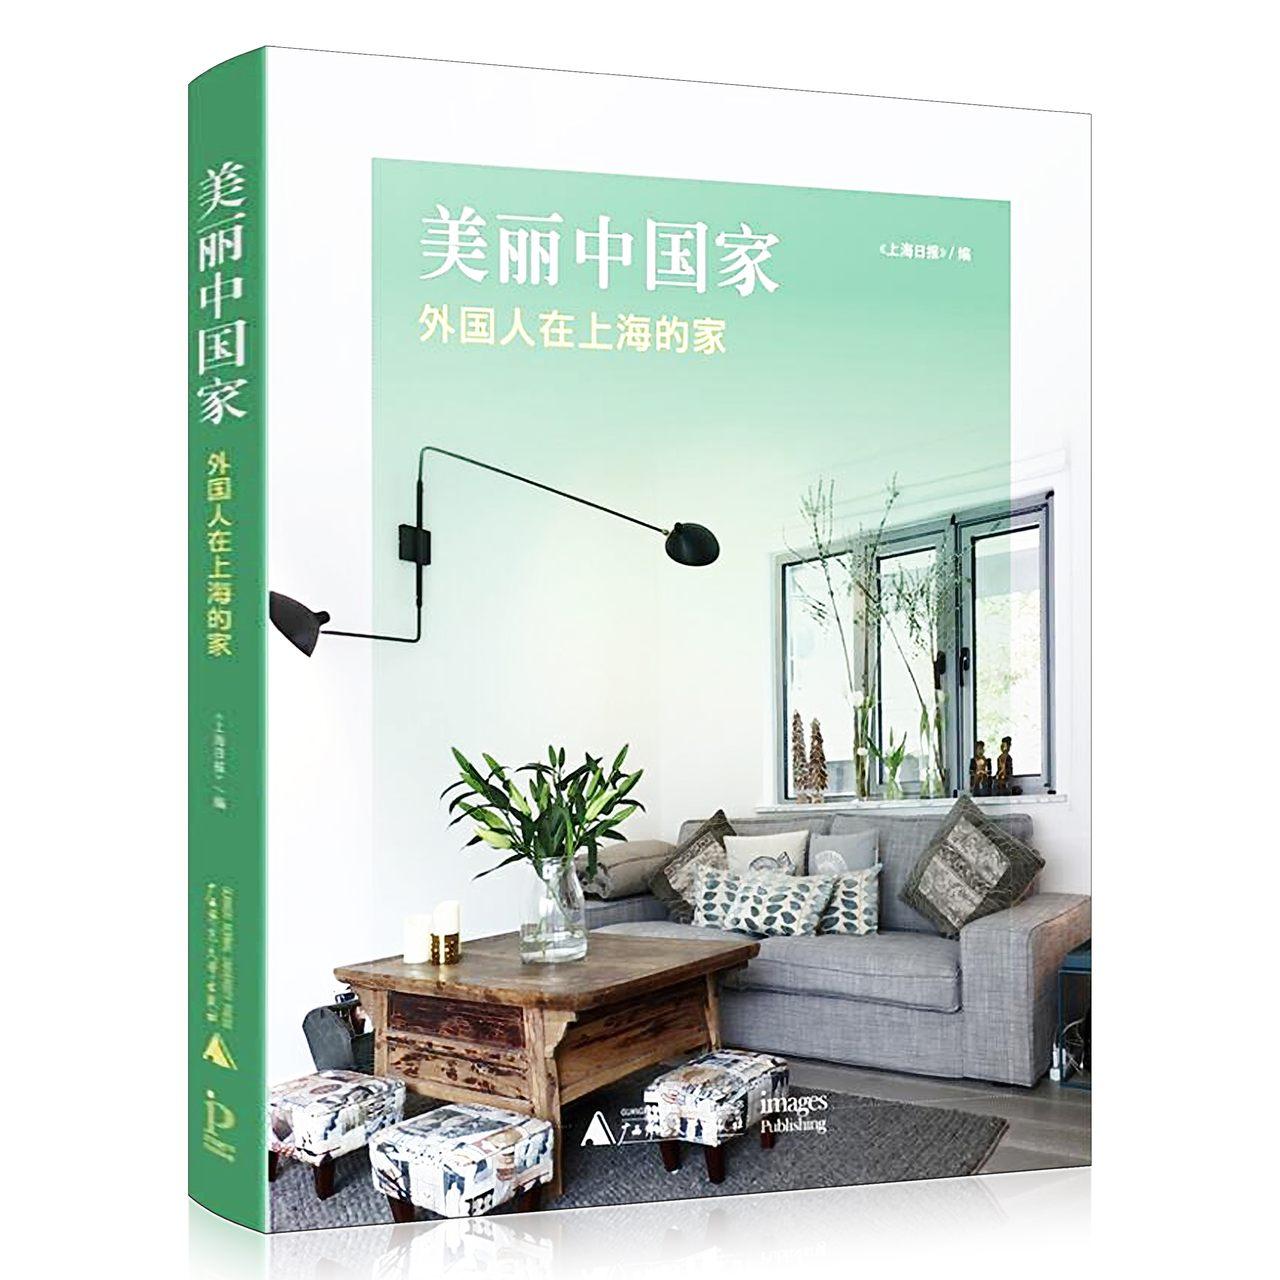 正版包邮 美丽中国家-外国人在上海的家 欧美式现代简约风格别墅庭院私家家居空间室内装饰装修设计翻新效果图制作资料集家装书籍